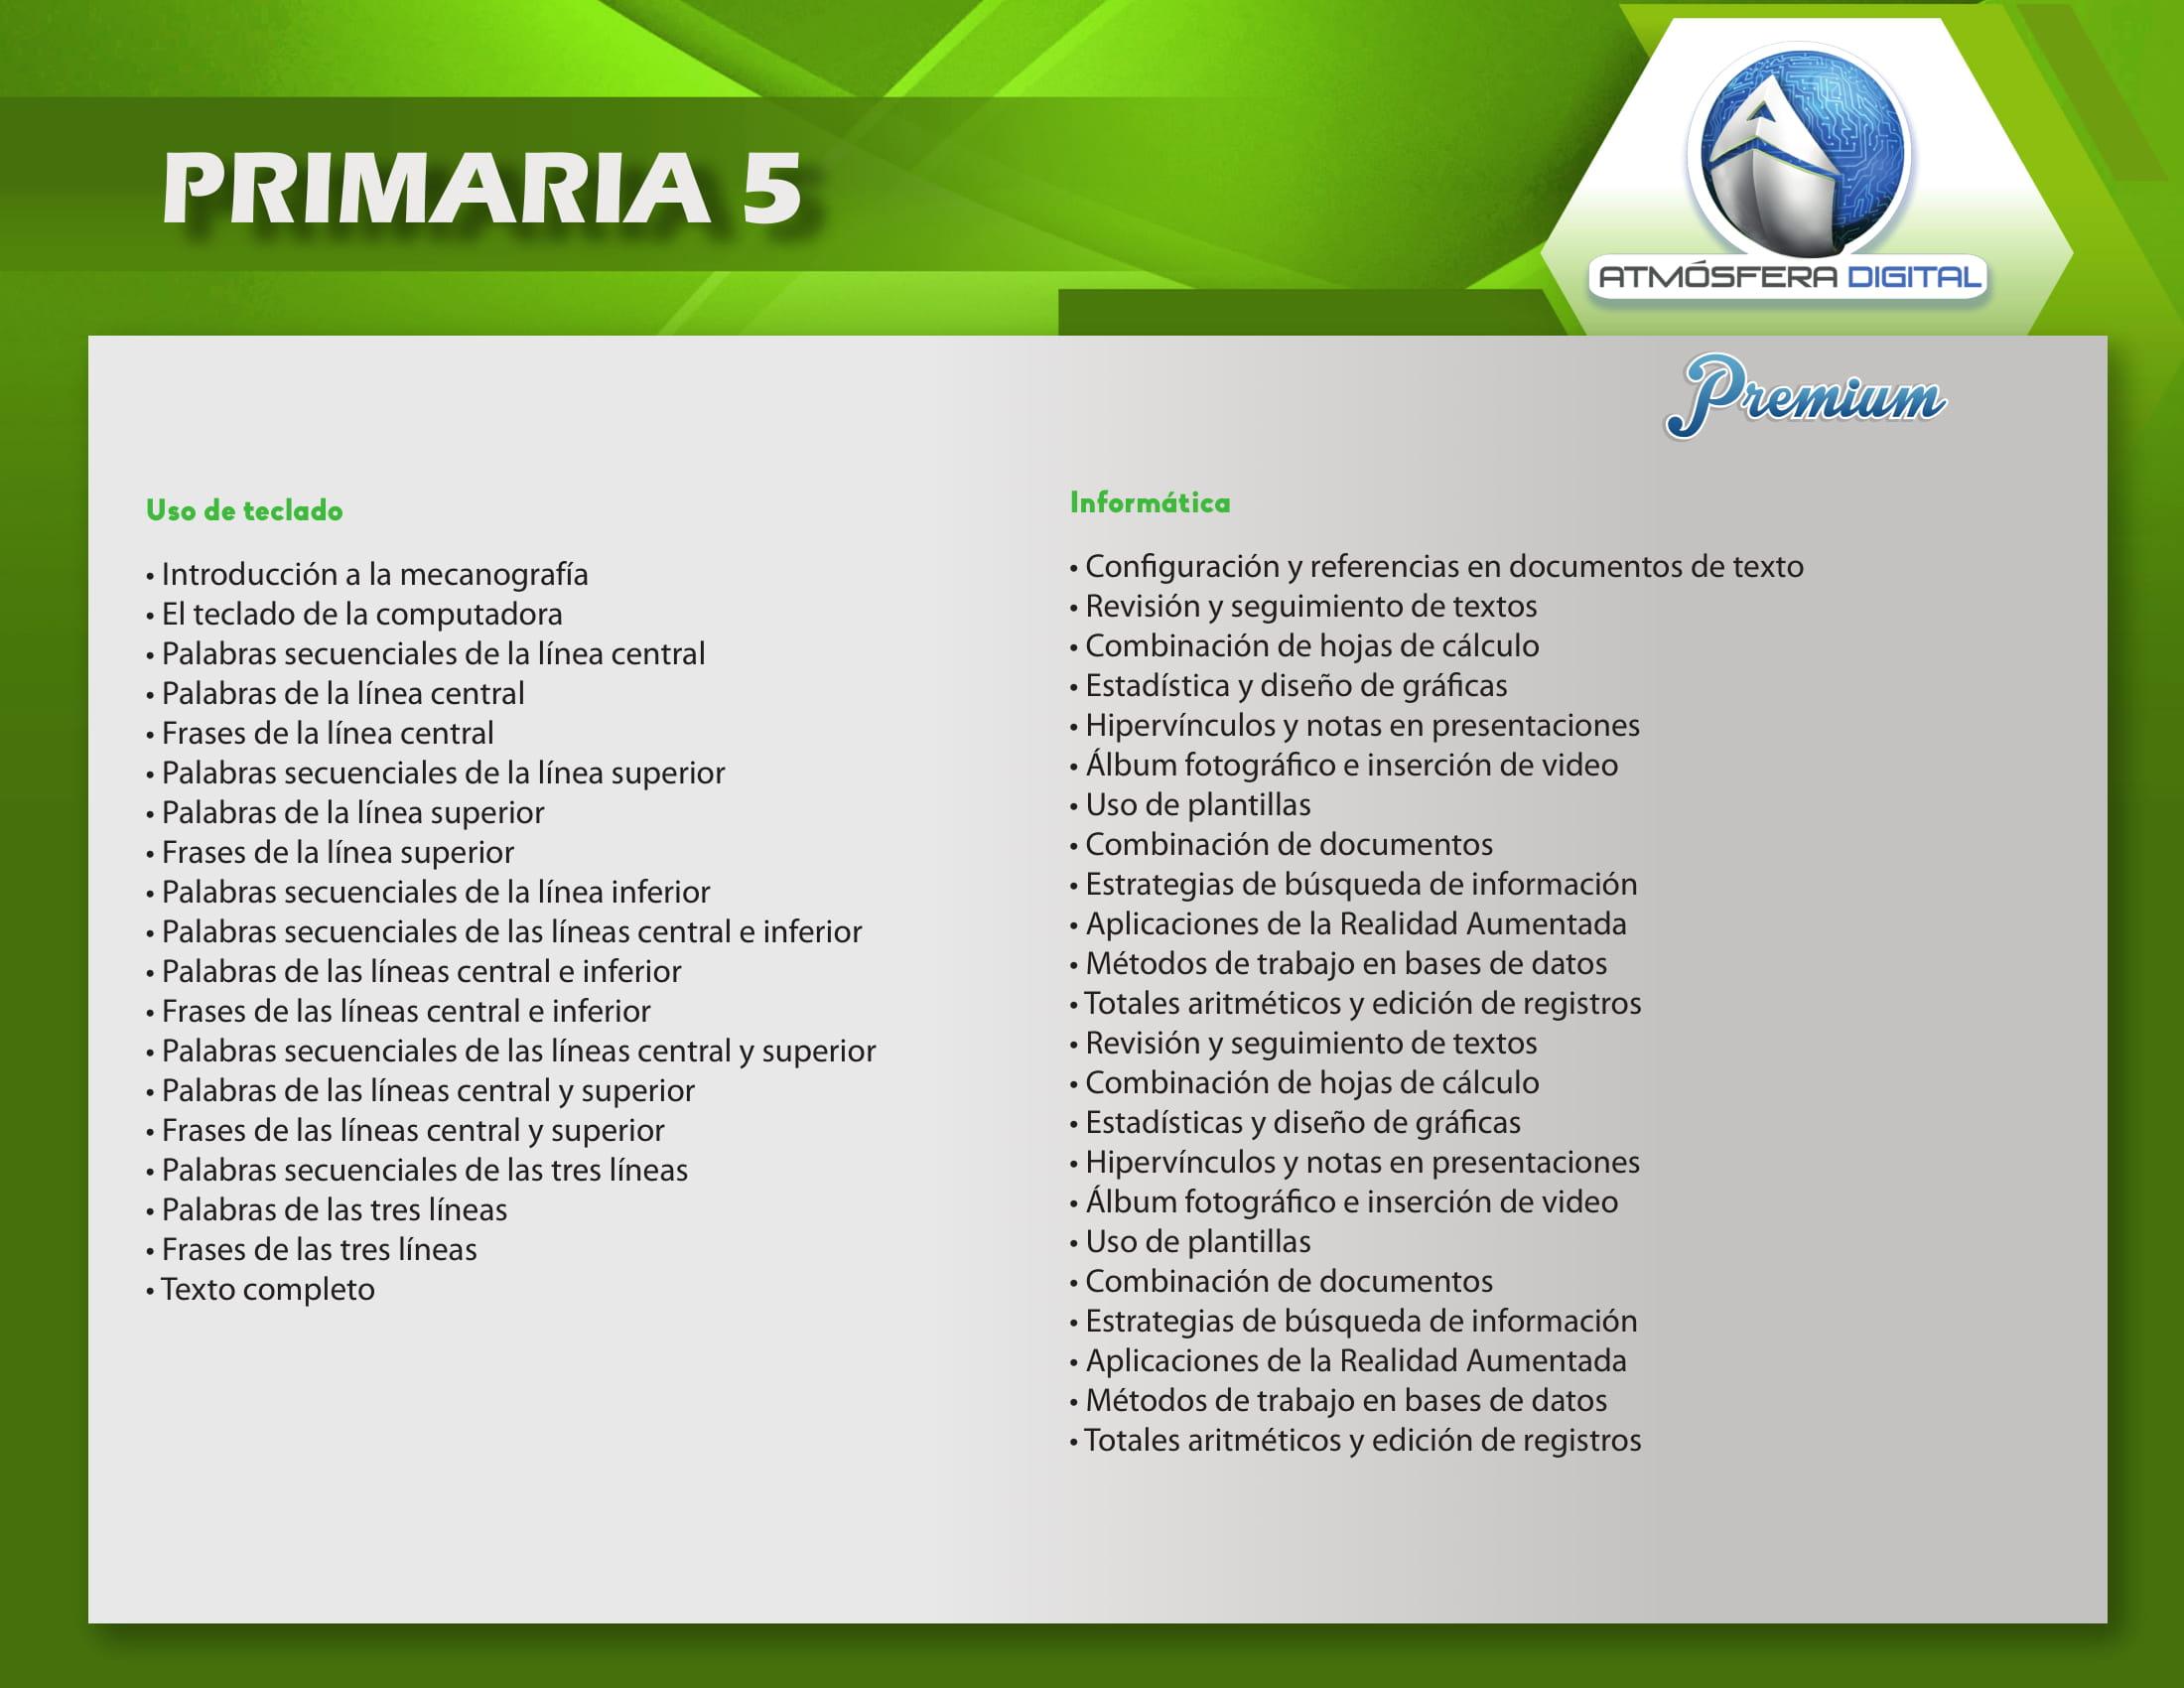 Temario Atmósfera Digital Premium – Primaria